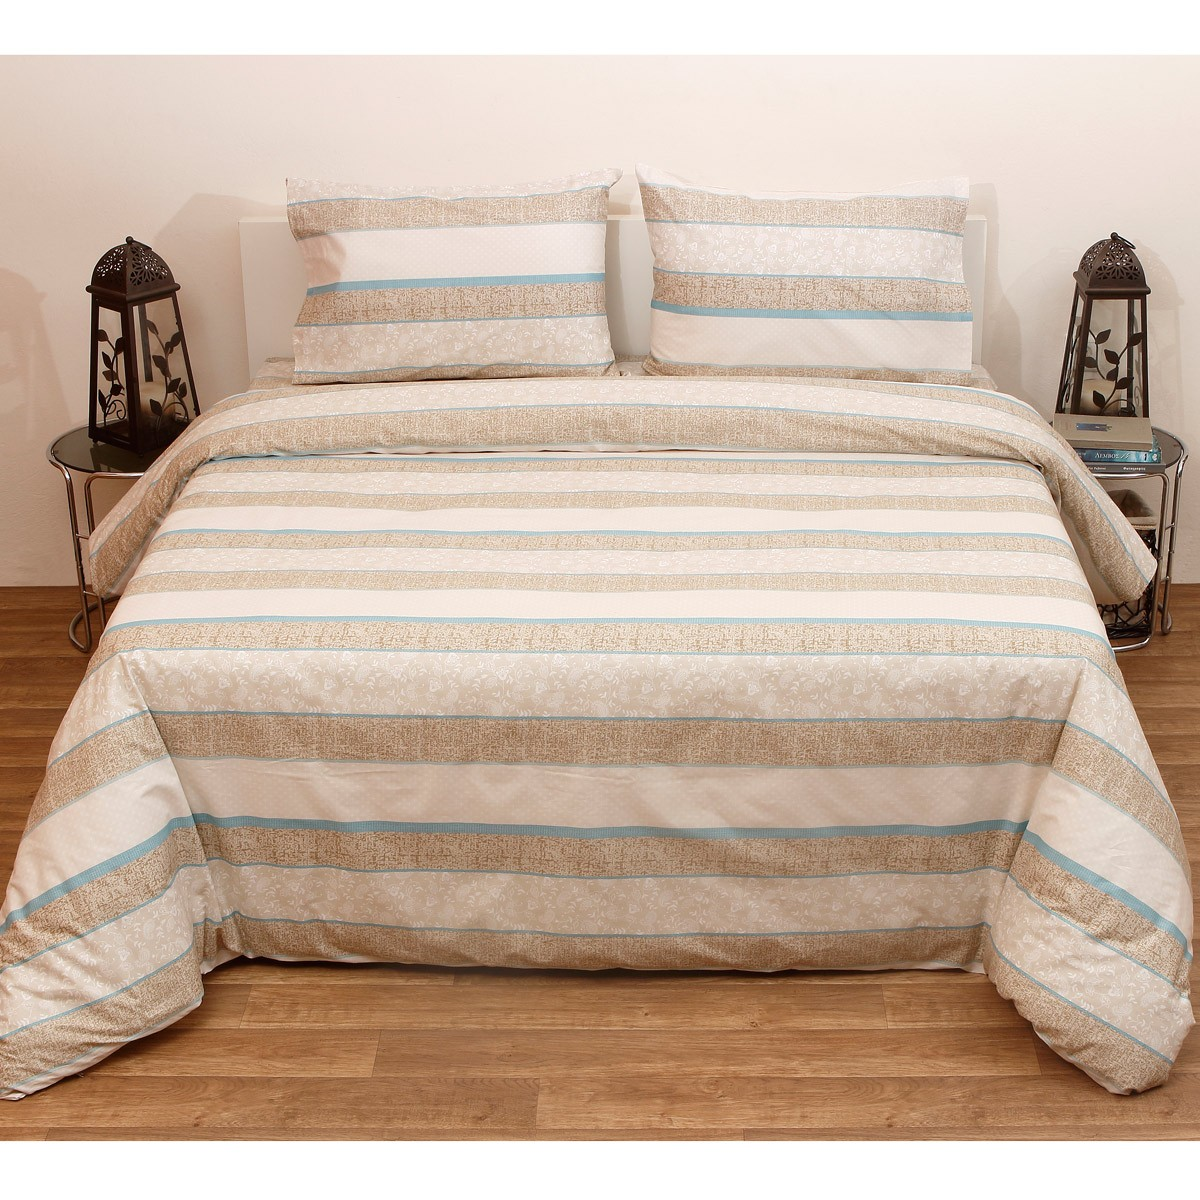 Πάπλωμα Ημίδιπλο (Σετ) Viopros Fresh Ιρέν Λινό home   κρεβατοκάμαρα   παπλώματα   παπλώματα ημίδιπλα   διπλά